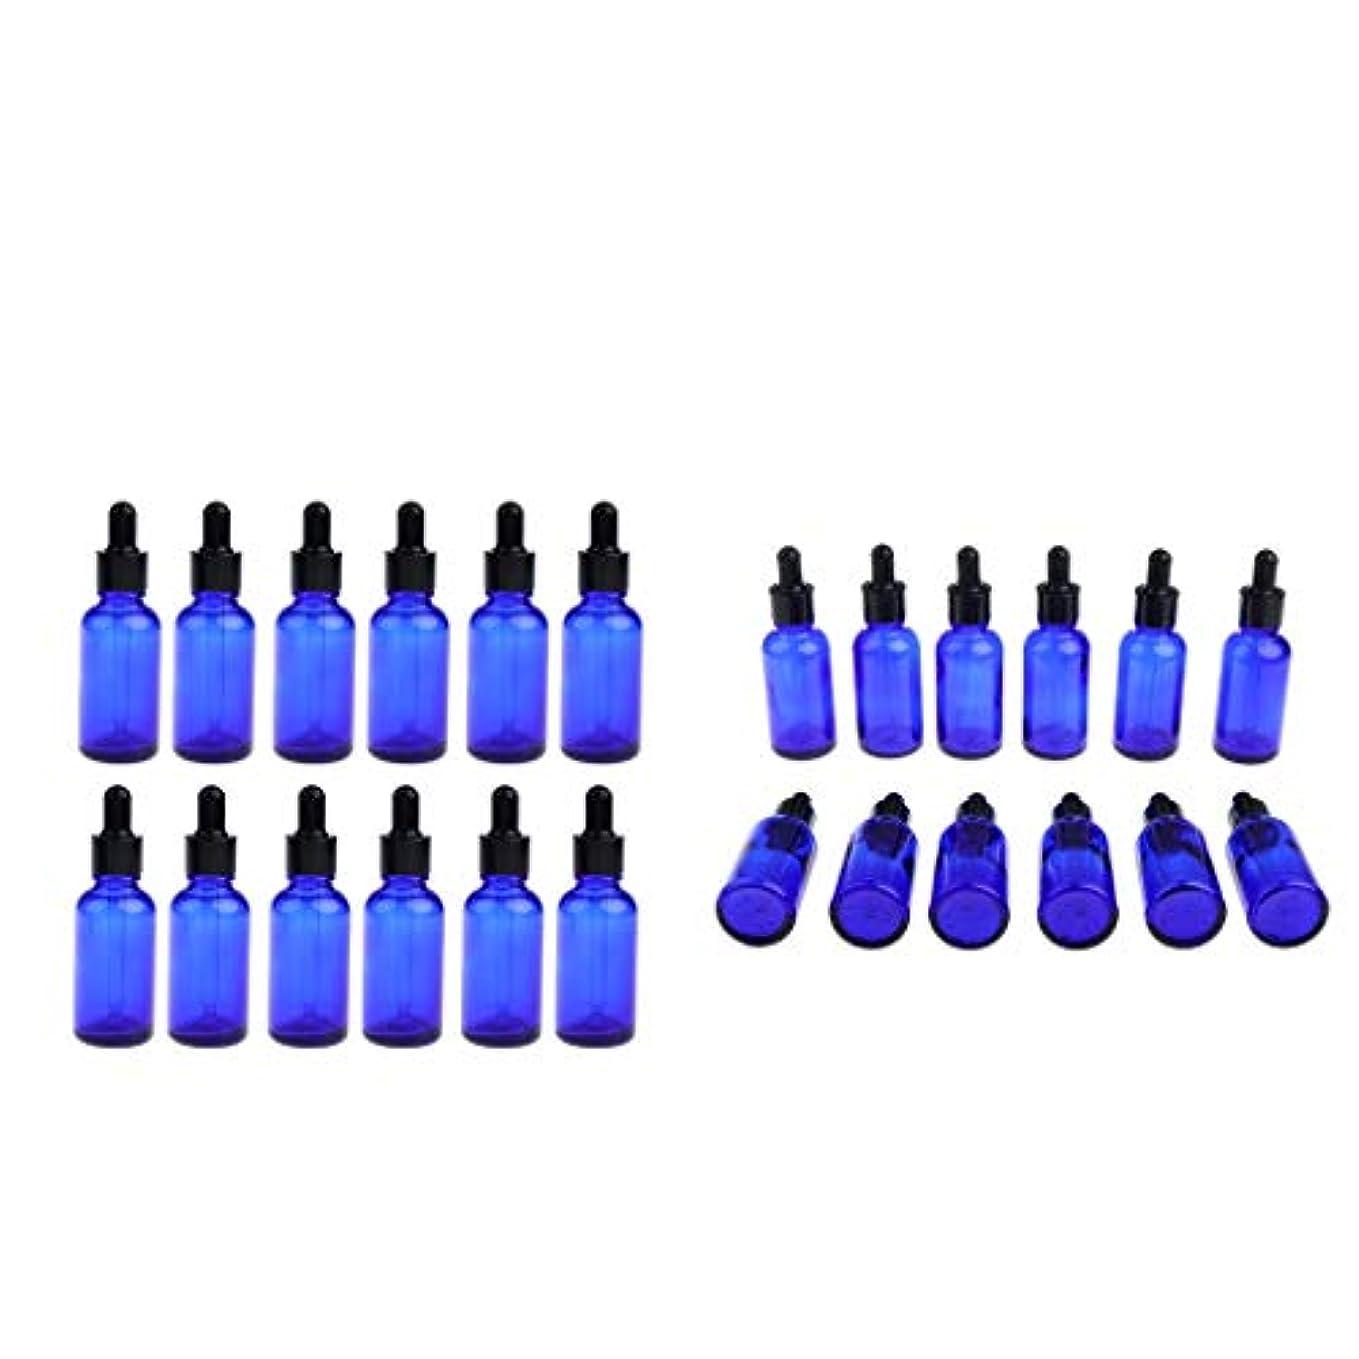 障害食用物理的なスポイトボトル ガラス 滴瓶 ドロッパーボトル 30ml アロマボトル スポイト精油分け瓶